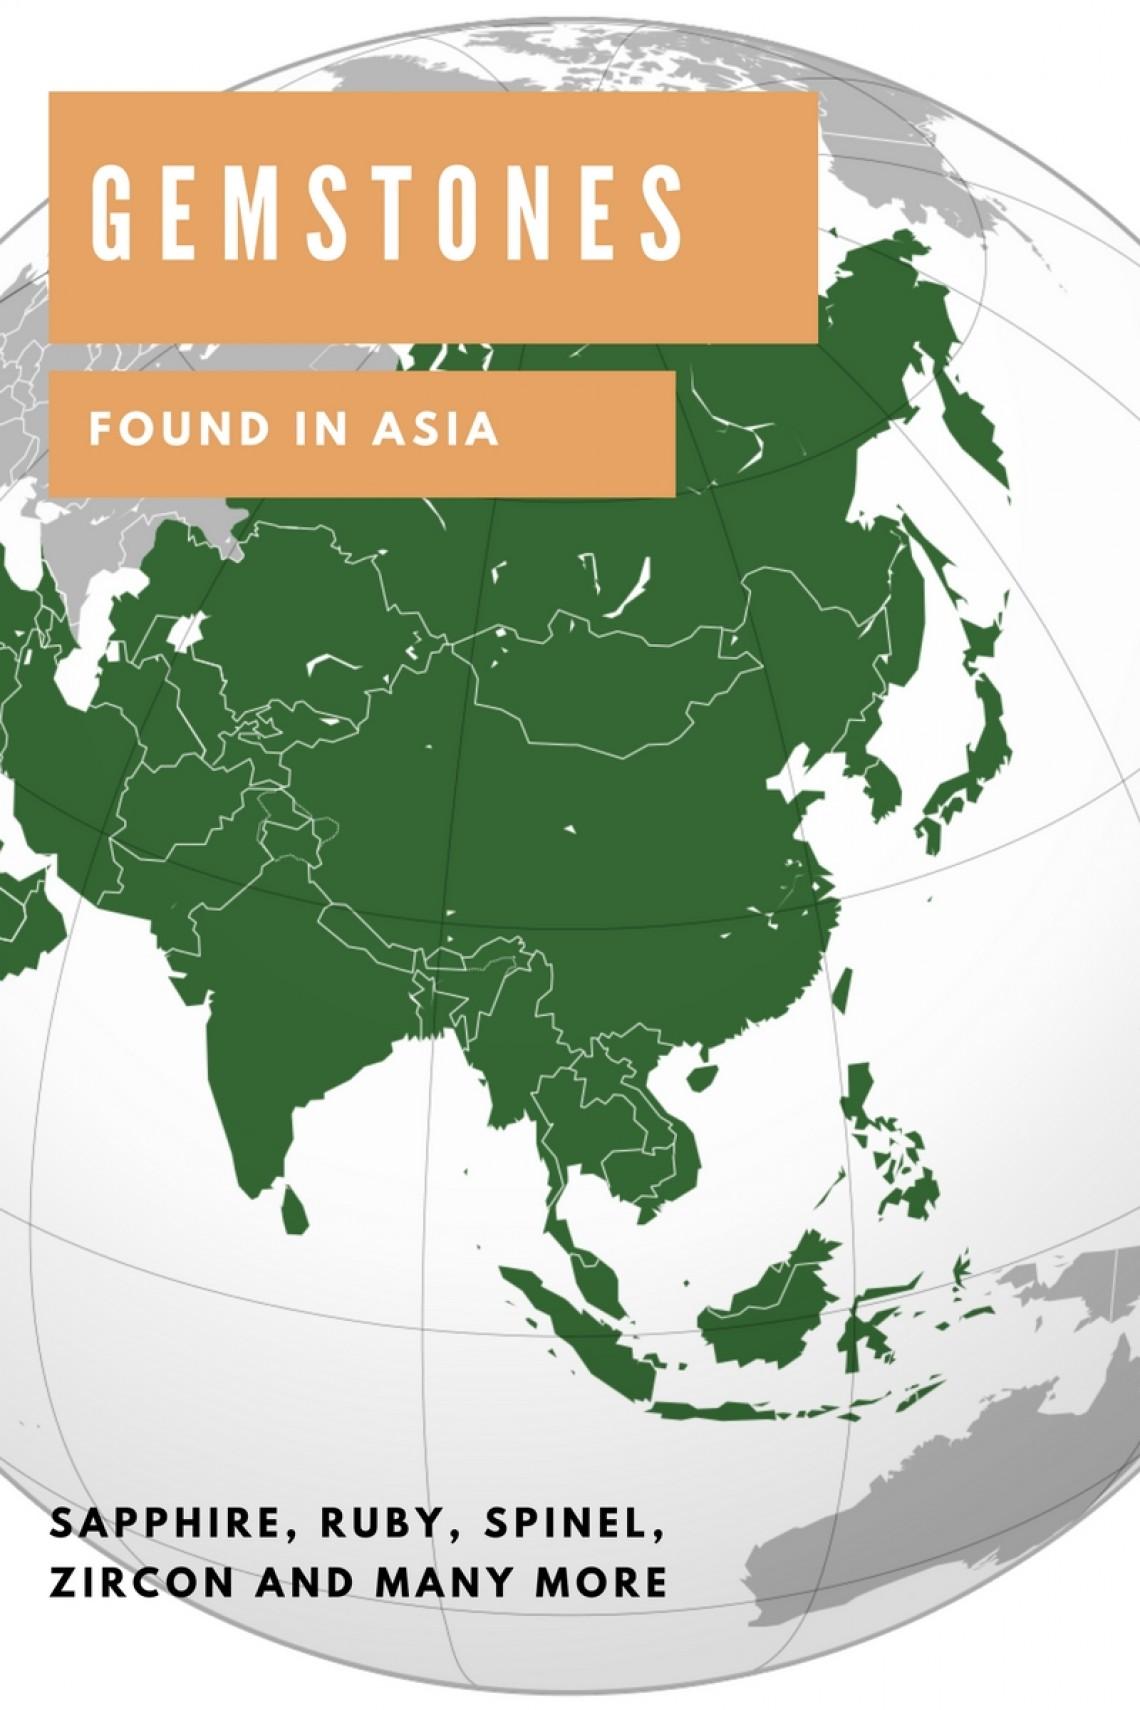 List Of Gemstones Found In Asia